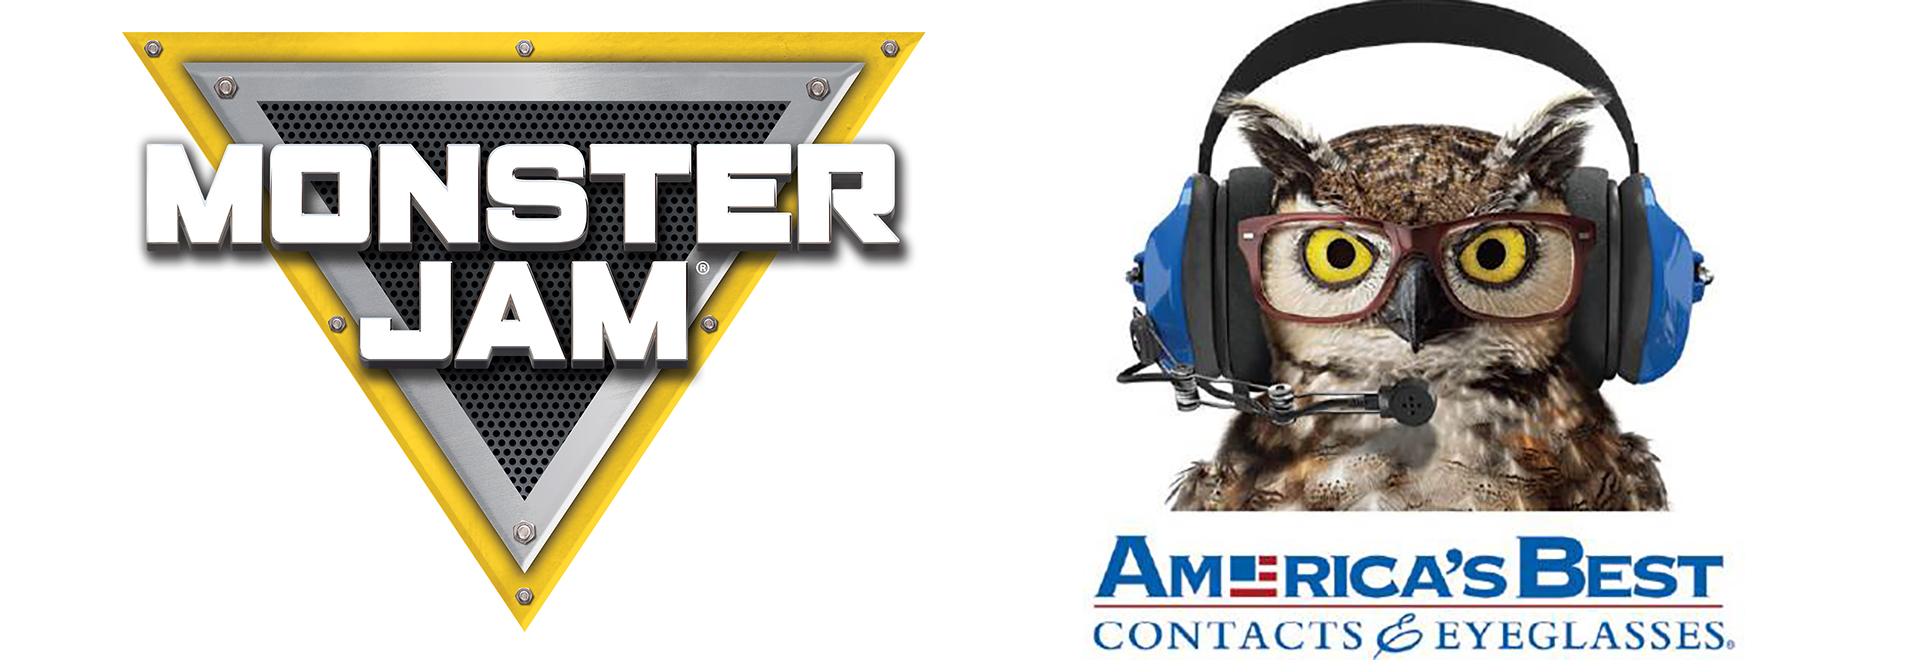 America 39 s best joins monster jam monster jam for Americas best flooring